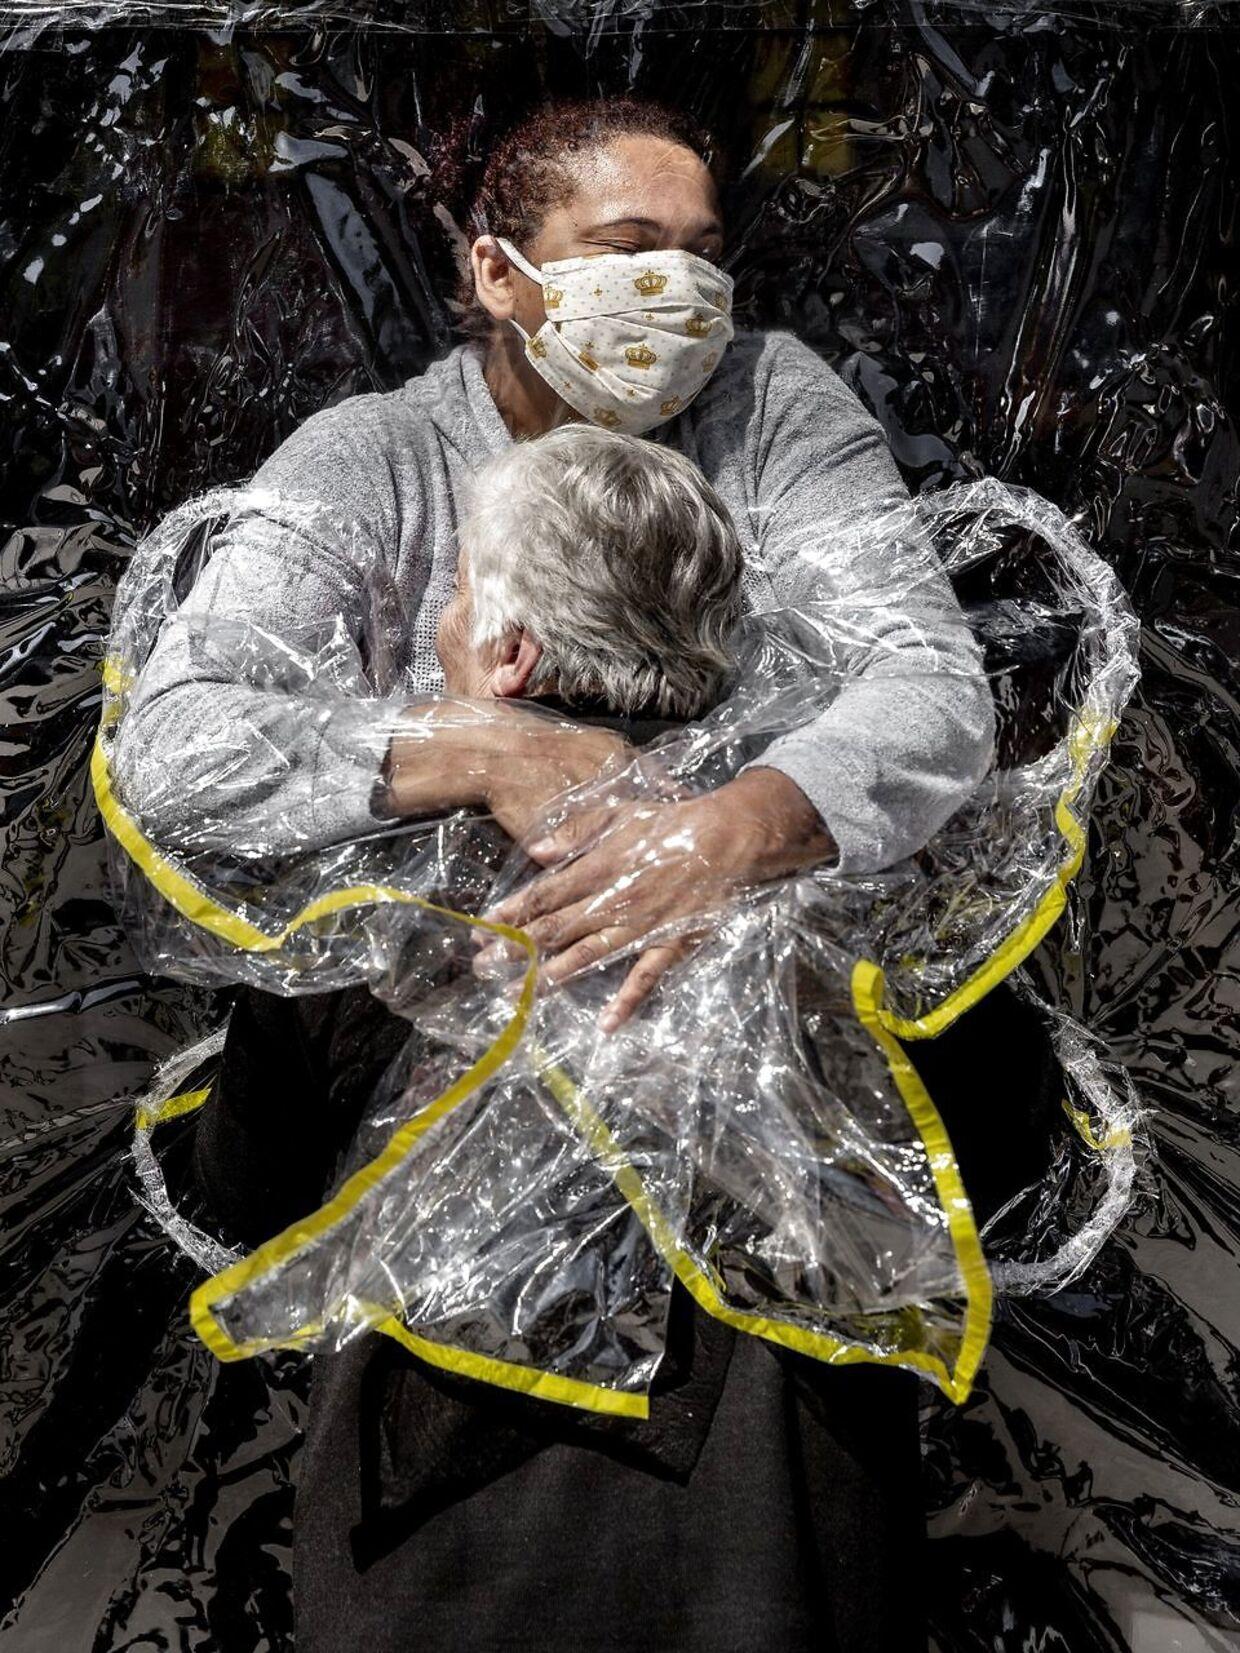 Billedet af Rosa Luzia Lunardi, på 85 år, der krammer sygeplejersken Adriana Silva da Costa Souza har vundet hæderen som årets bedste presse foto. Foto: Mads Nissen/Politiken/Ritzau Scanpix.